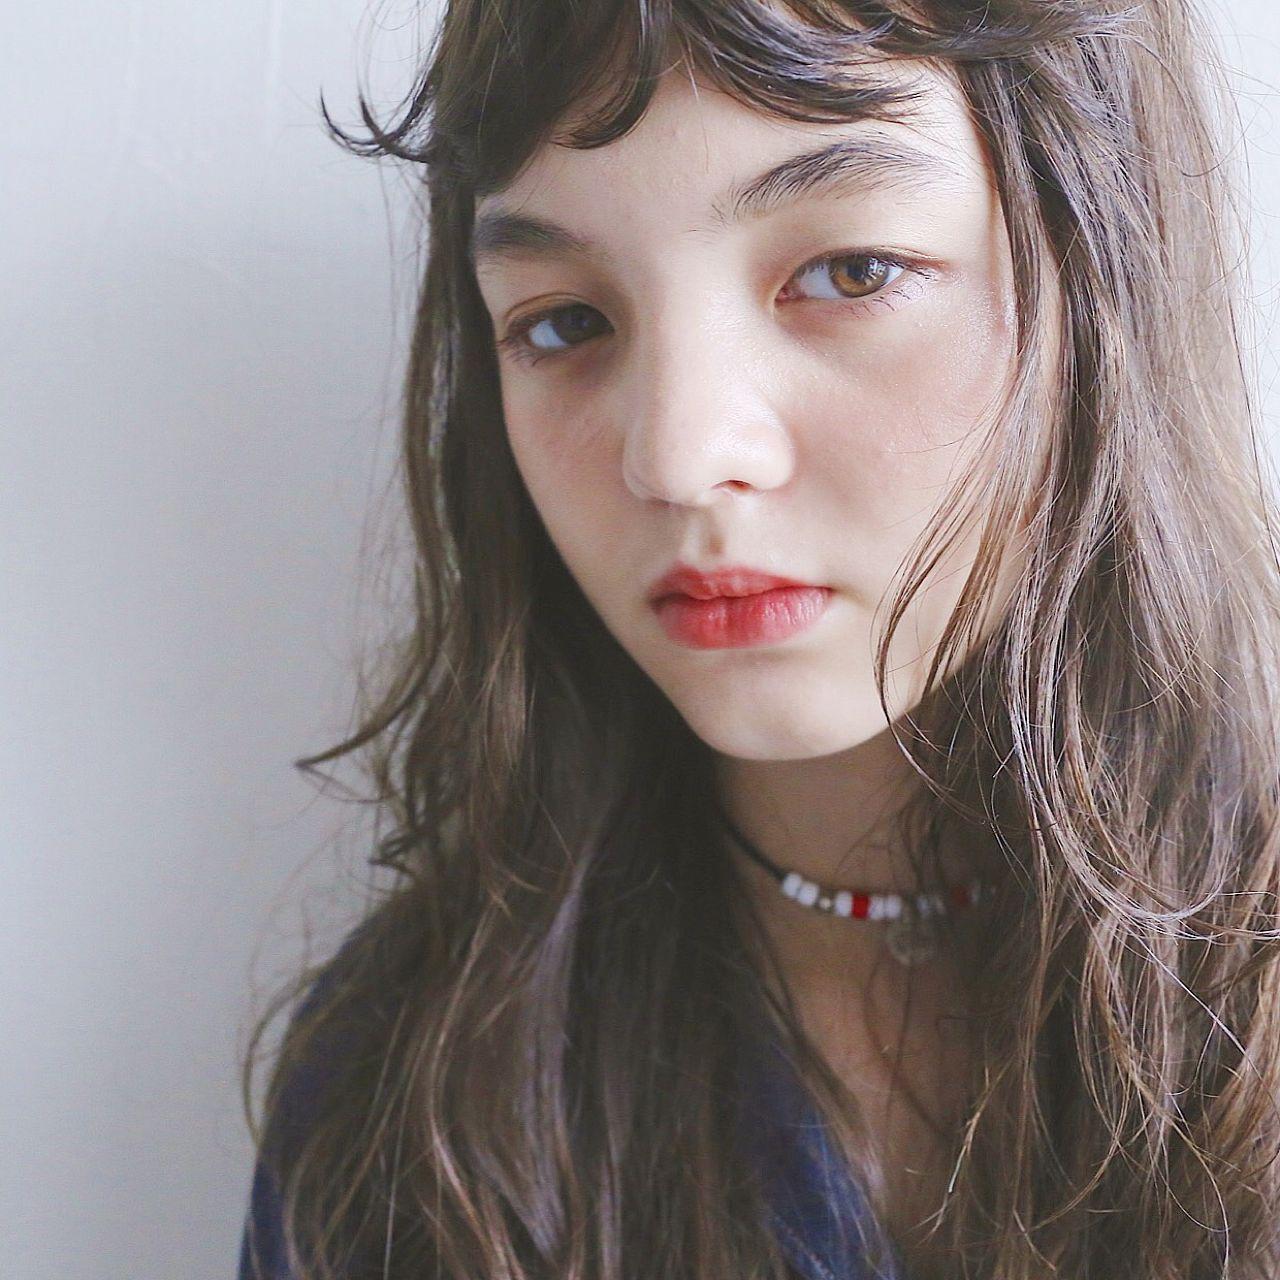 アッシュベージュ ナチュラル 抜け感 シースルーバング ヘアスタイルや髪型の写真・画像 | 米澤 香央里 / SYAN